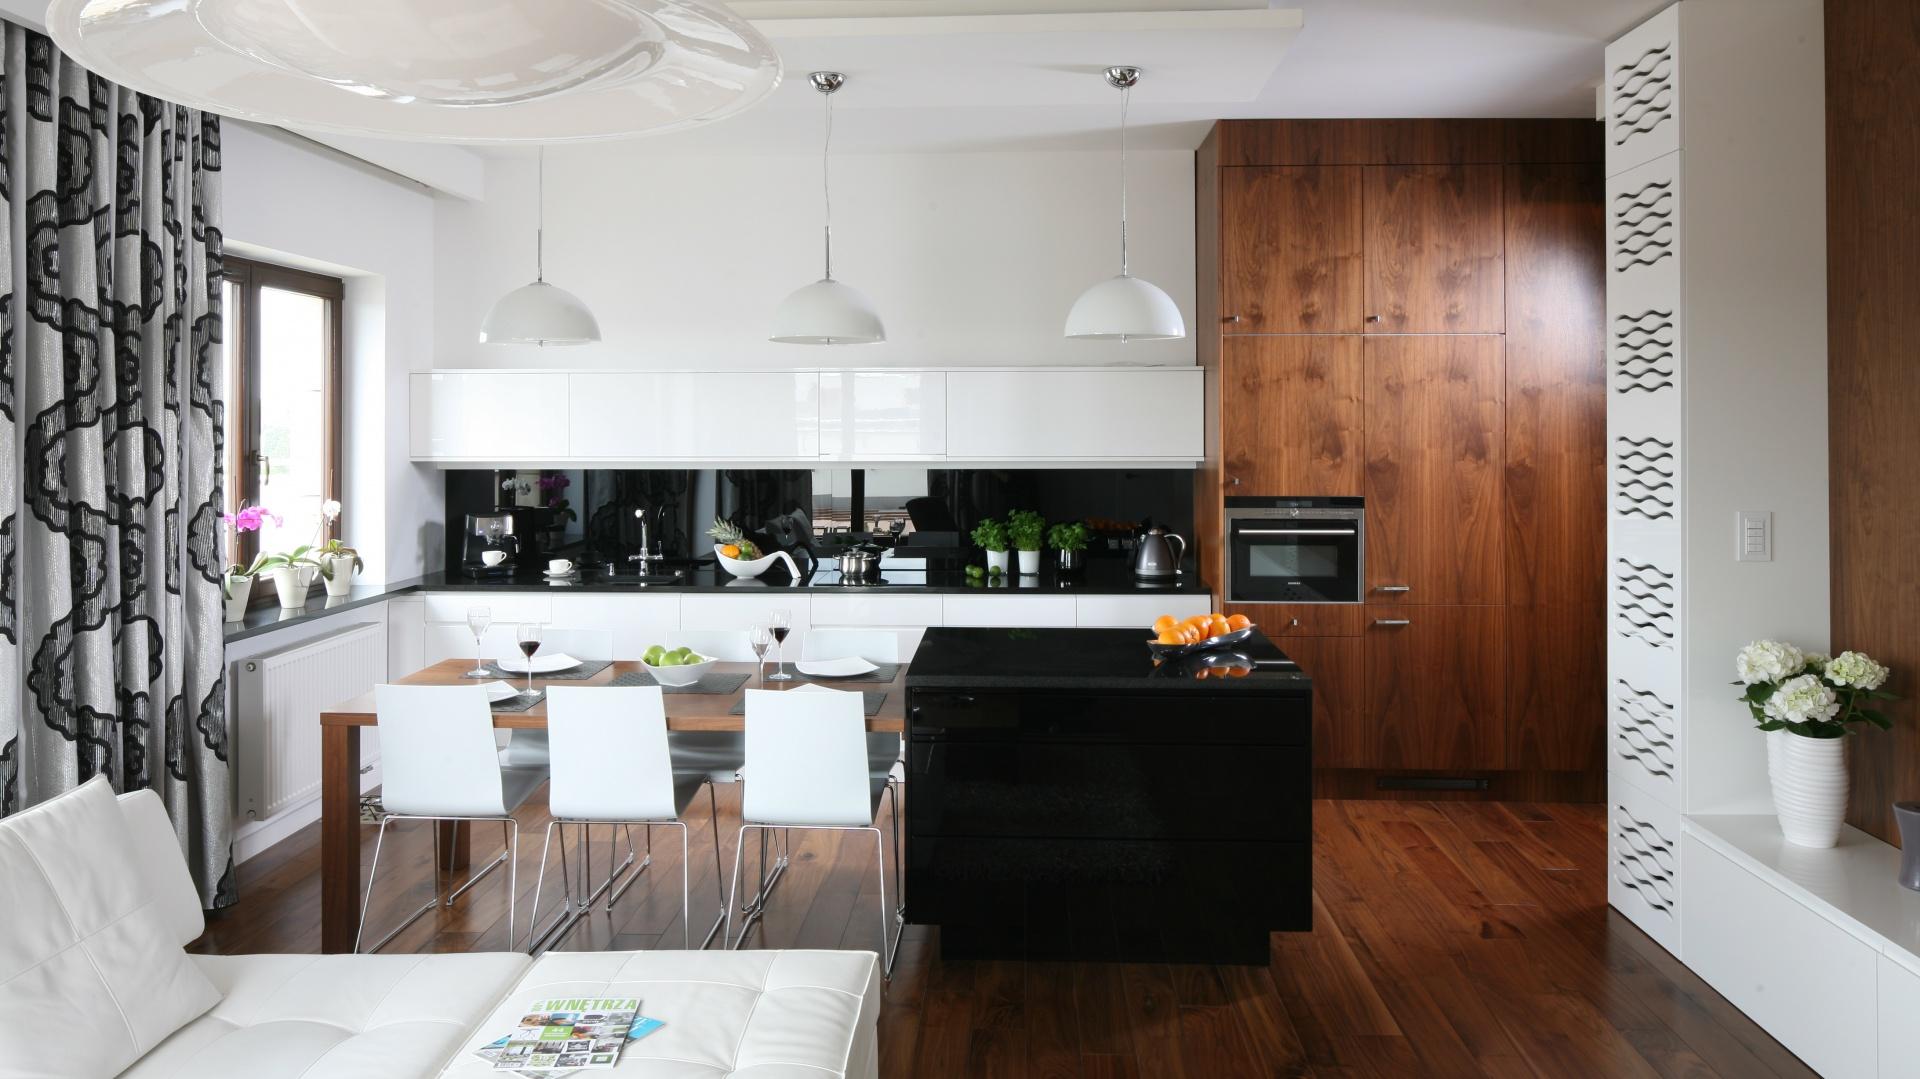 Czarna wyspa kuchenna o kuchnia z wysp czy ze sto em for Polaczenie kuchni z salonem